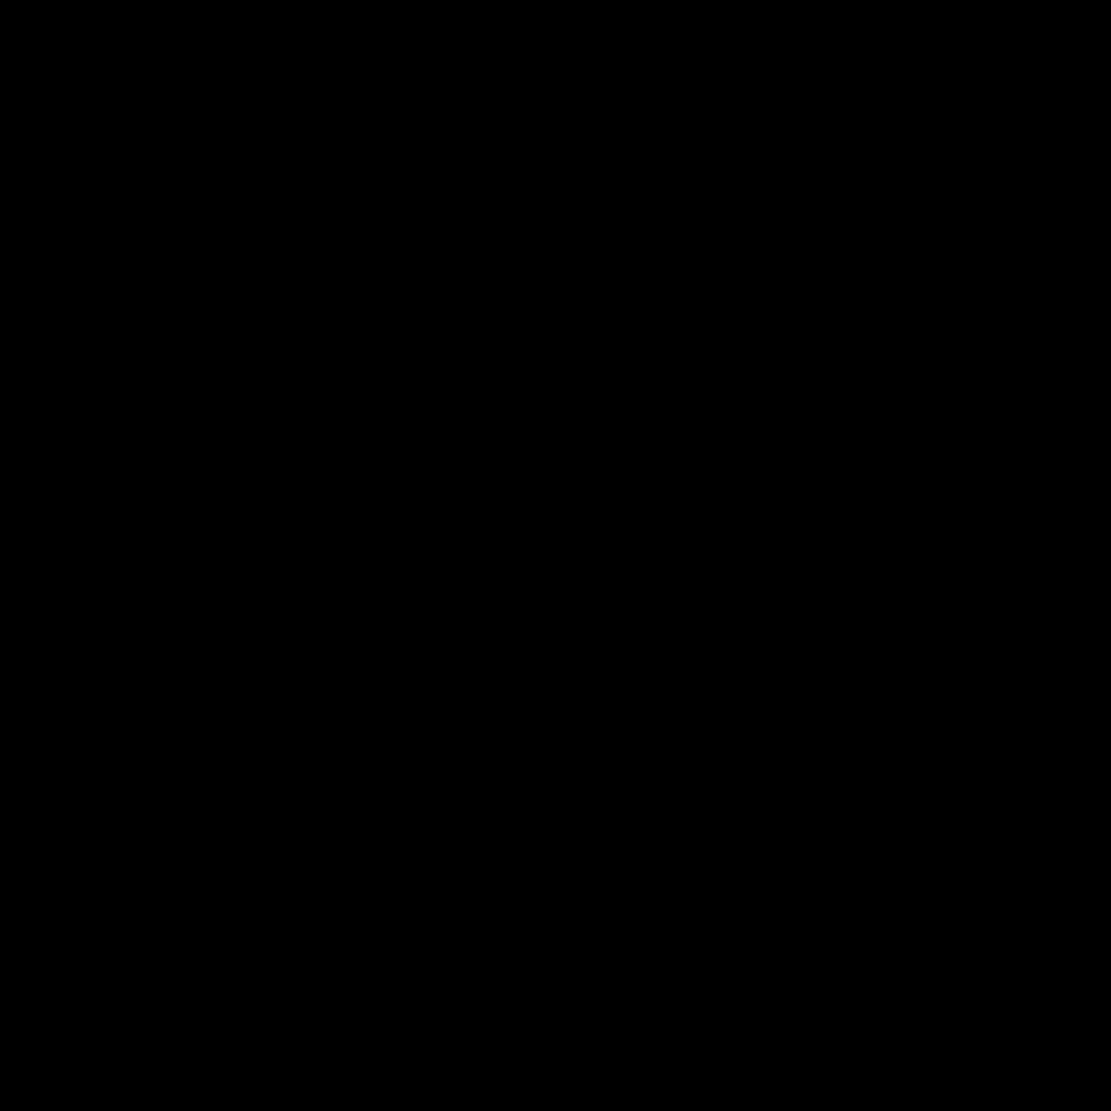 wifi-line